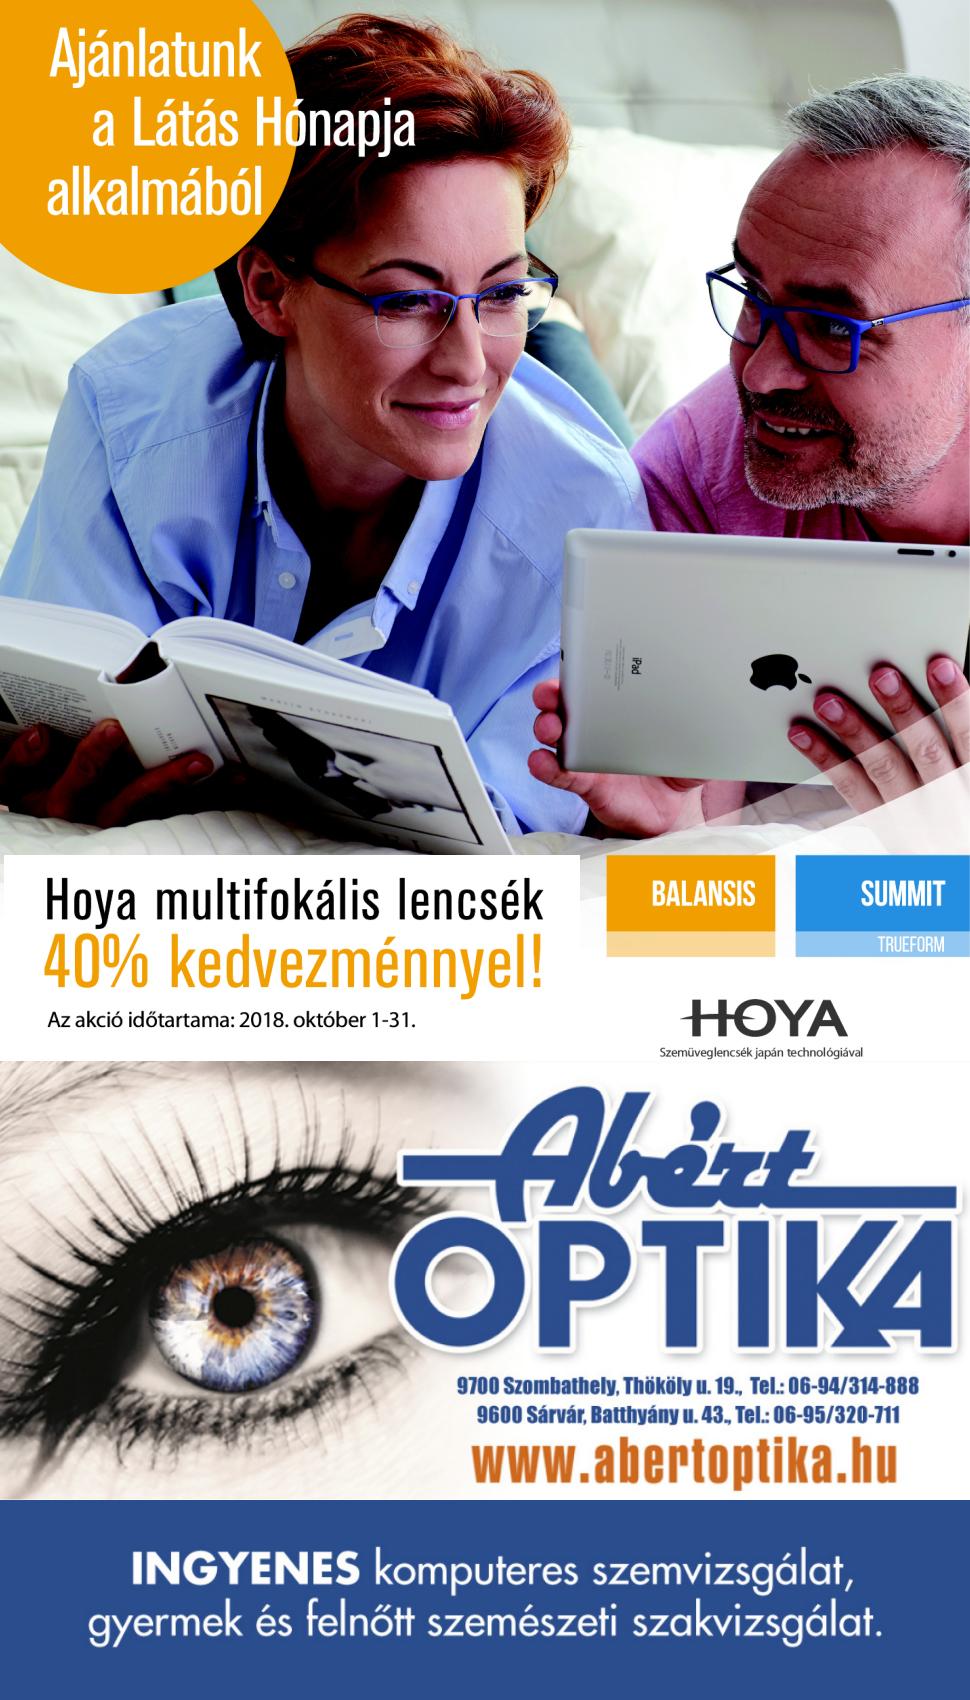 Hoya multifokális lencsék 40% kedvezménnyel! 1c4ee8a705